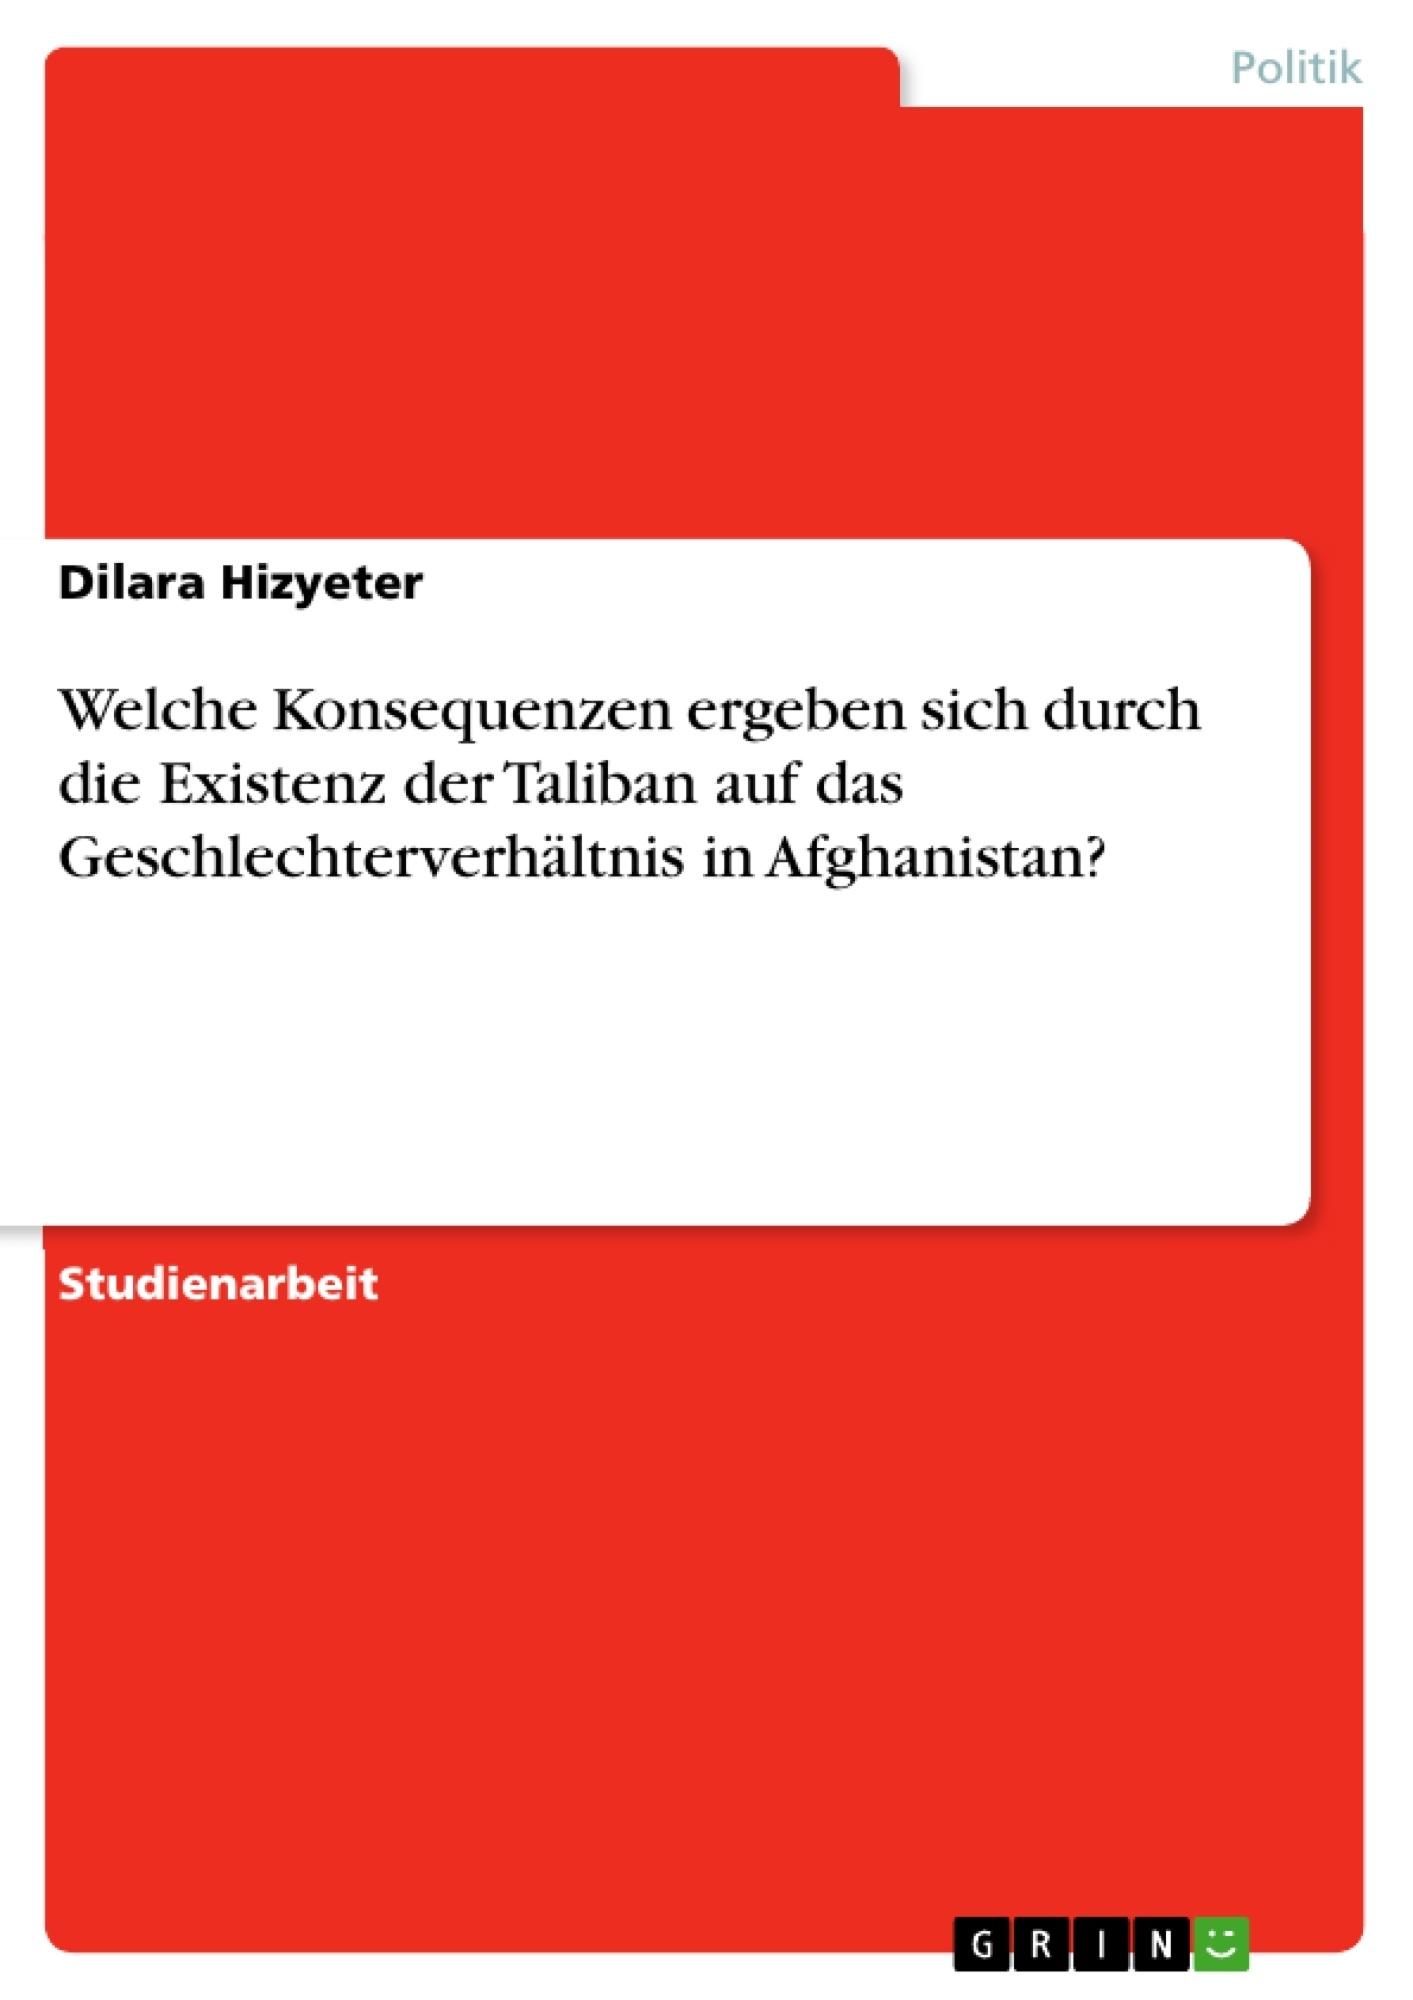 Titel: Welche Konsequenzen ergeben sich durch die Existenz der Taliban auf das Geschlechterverhältnis in Afghanistan?